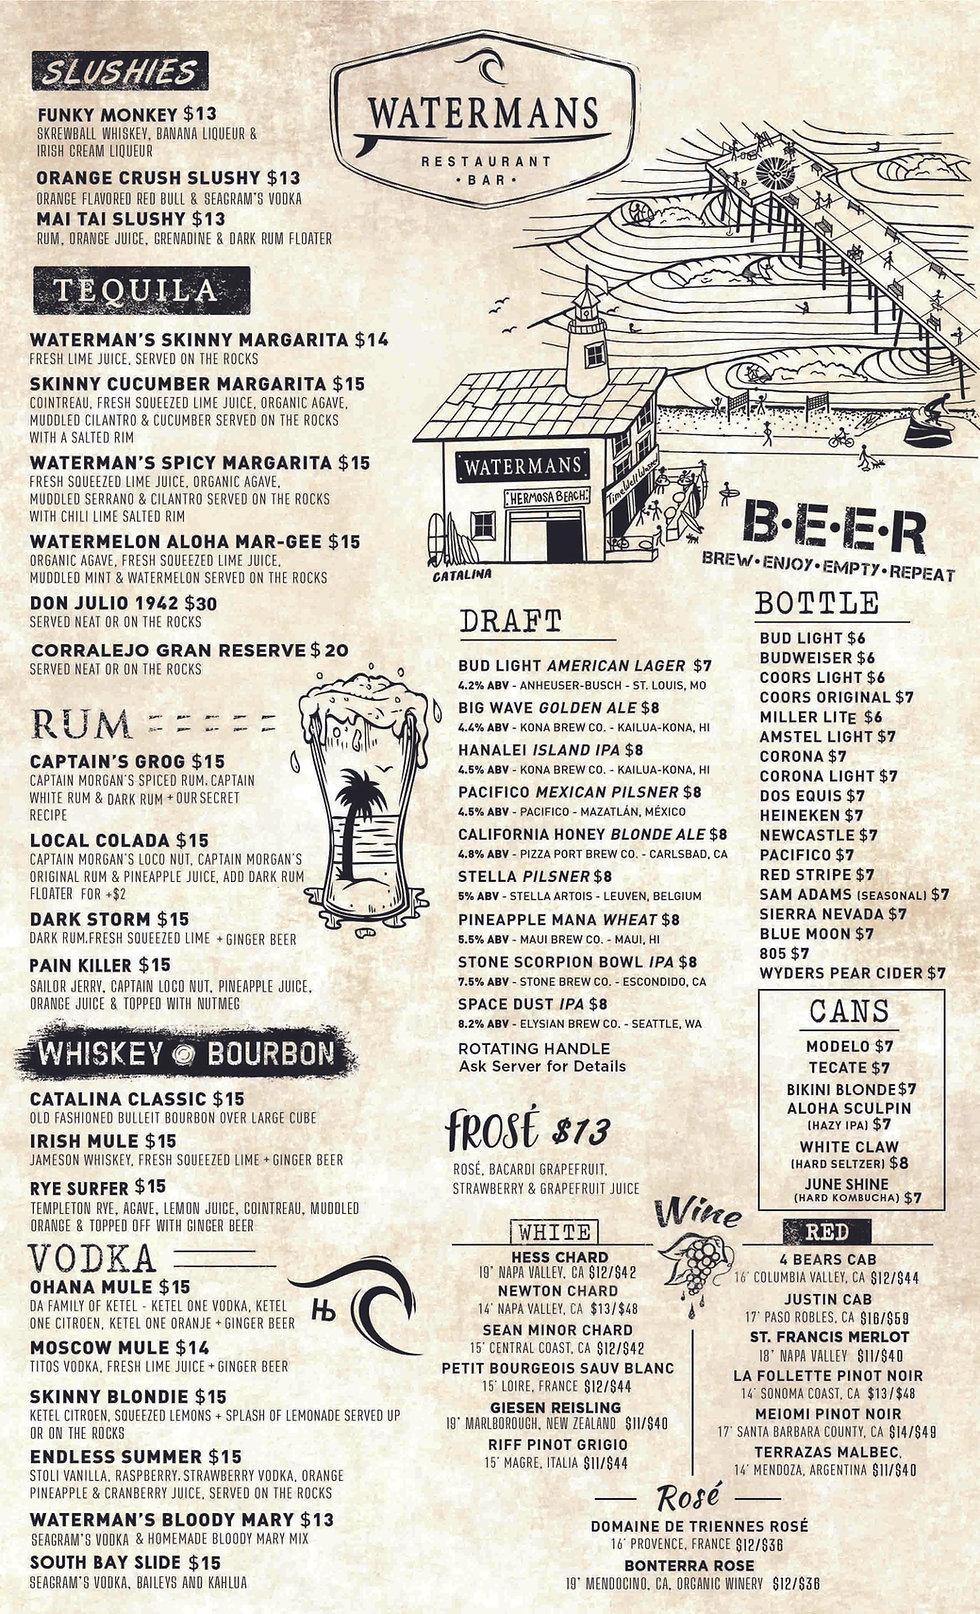 Watermans-hermosa-beach-drink-menu-2020.